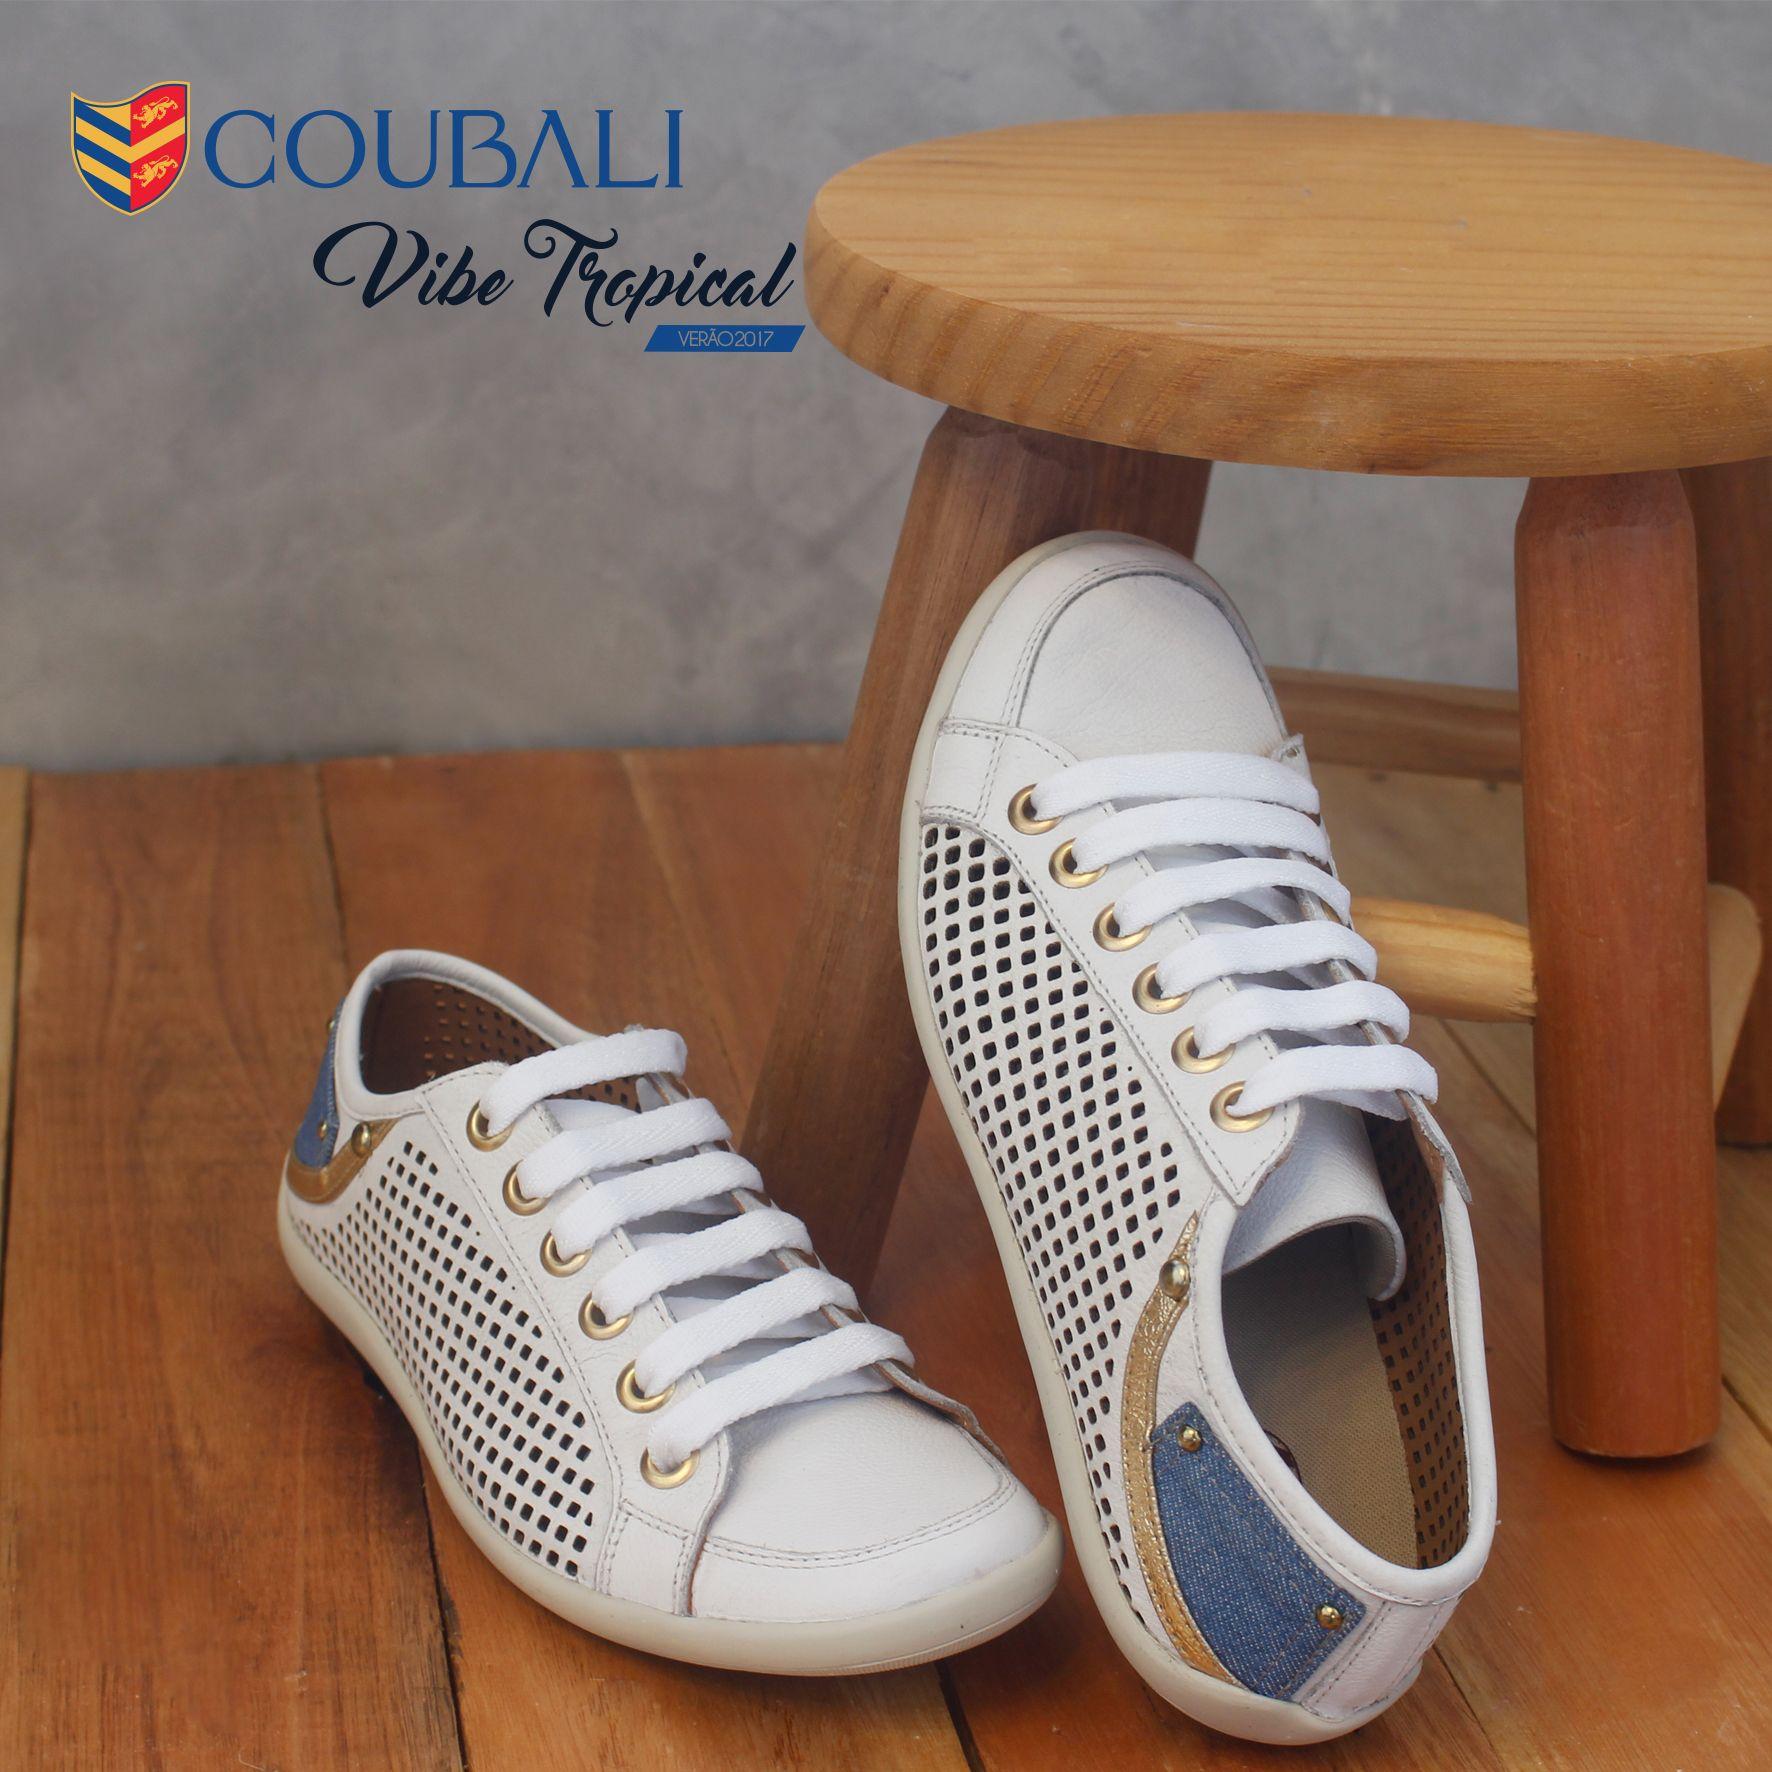 Sapatênis feminino branco com detalhes em jeans e dourado, lindo super confortável combina com looks modernos e jovem. Vendas na loja ou pelo whatsapp